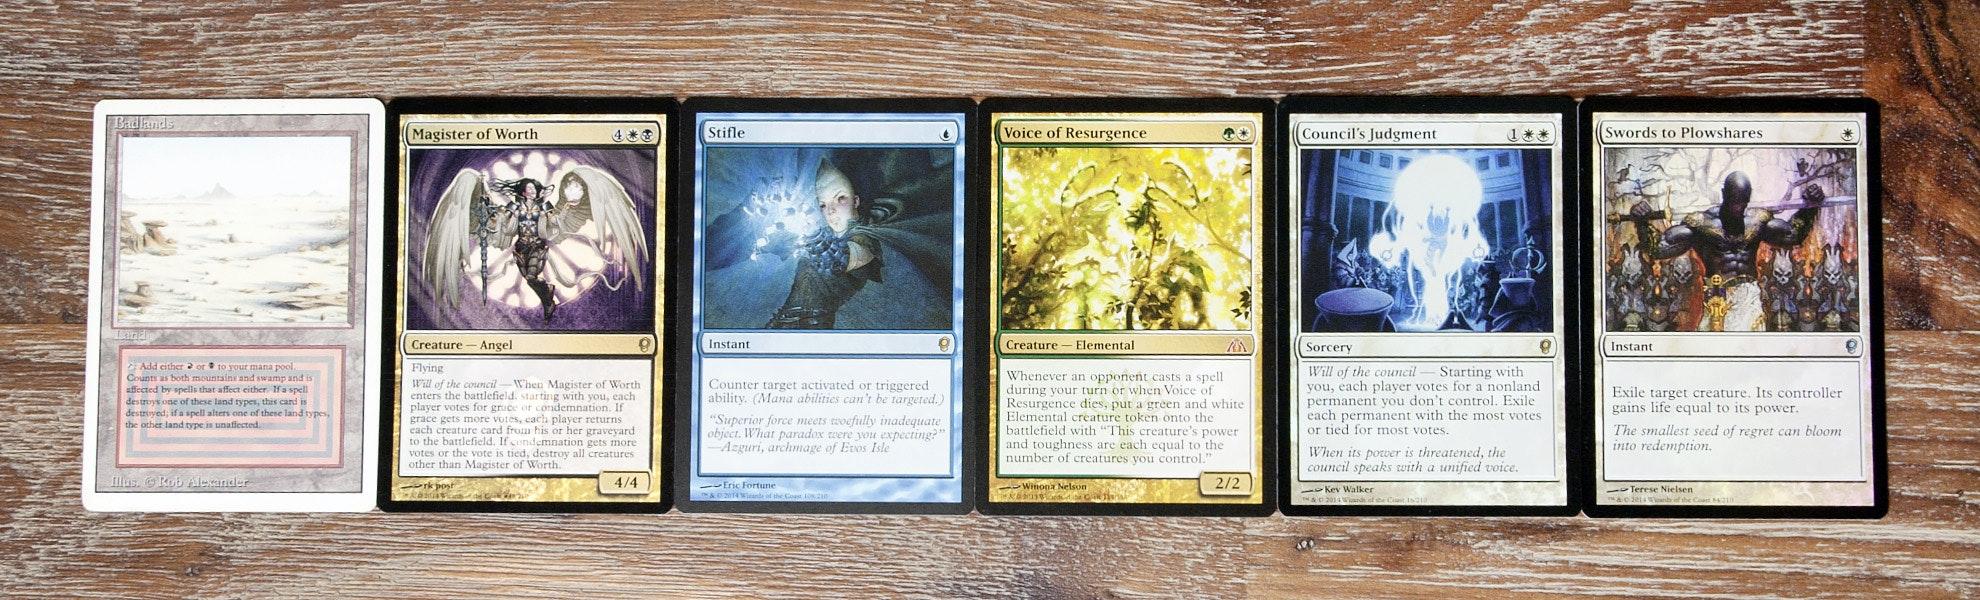 Magic 6 Card Grab Bag